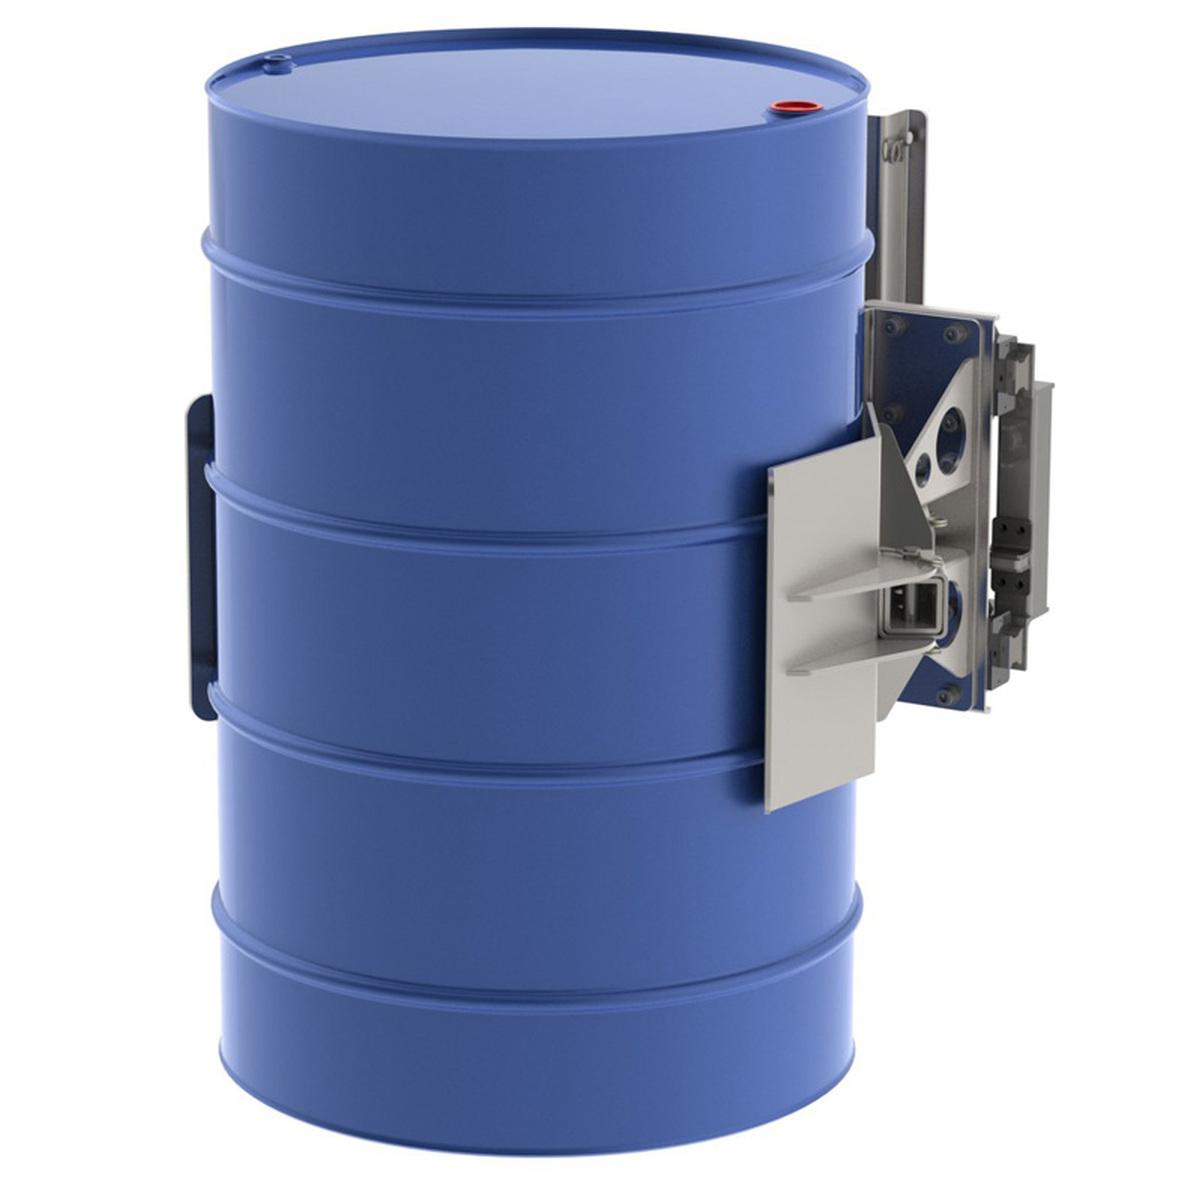 Vinca manipulador elevacion movil torros barrels